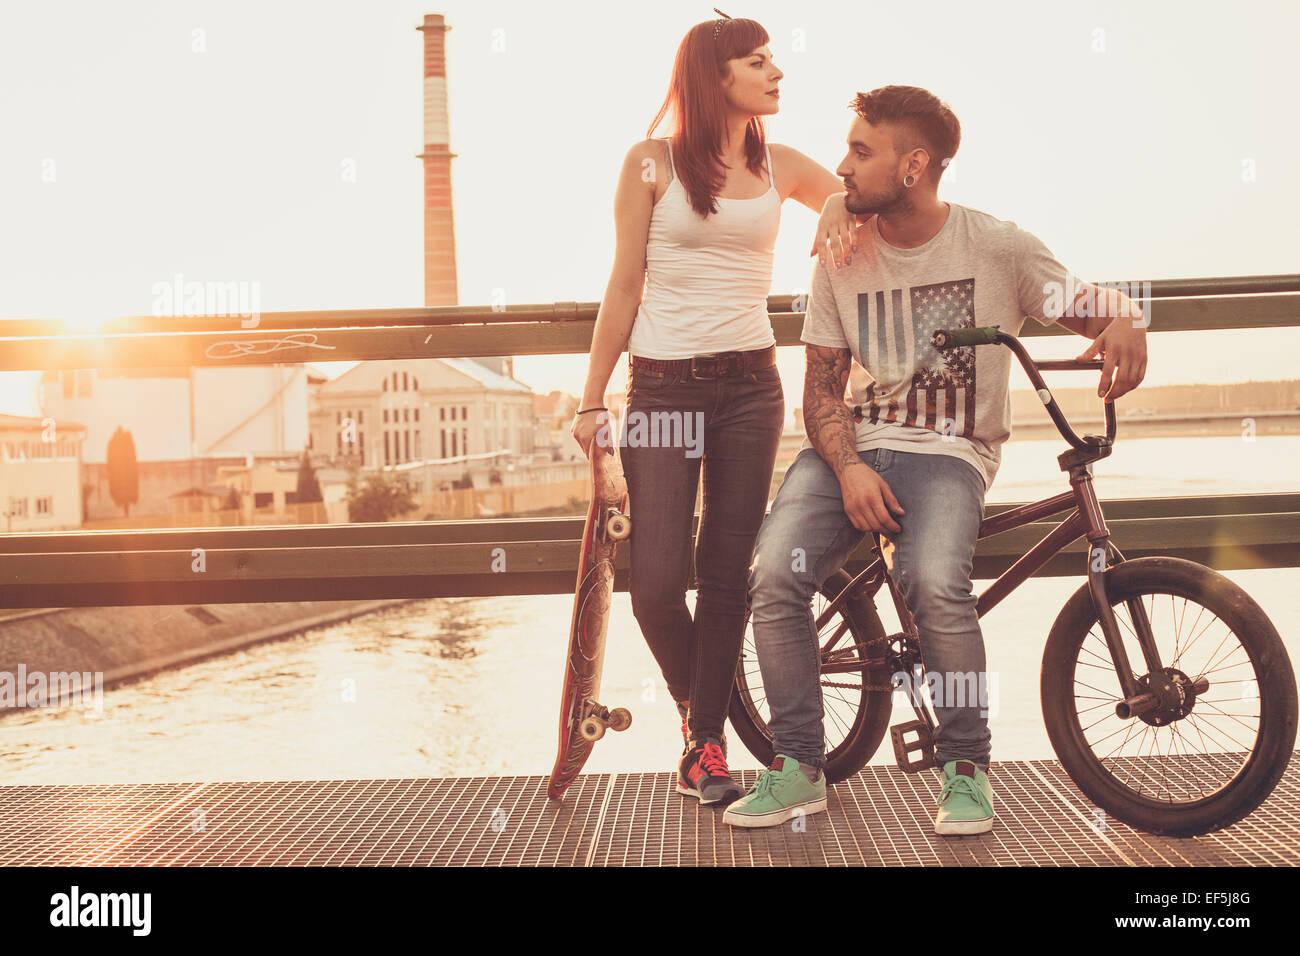 Jeune couple avec Skateboard and BMX location reposant sur bridge Banque D'Images